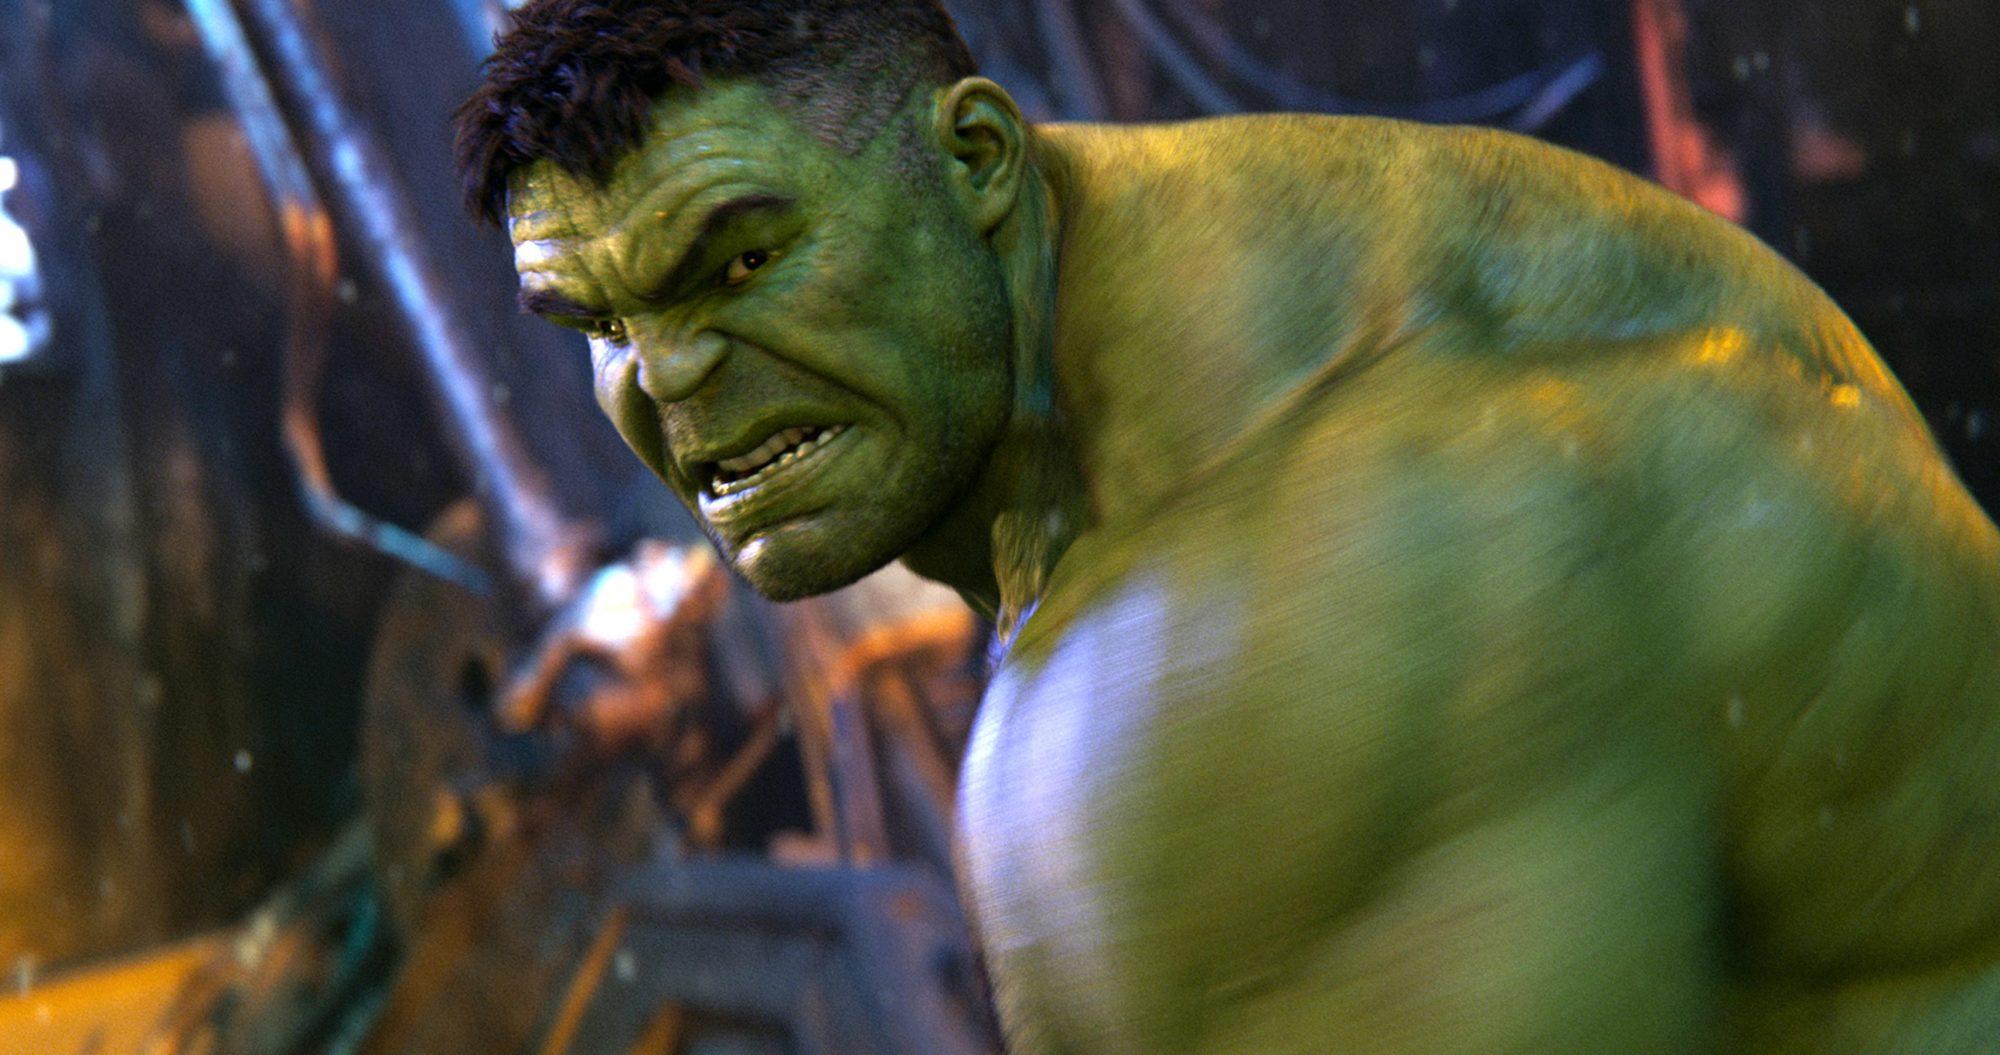 11. Hulk